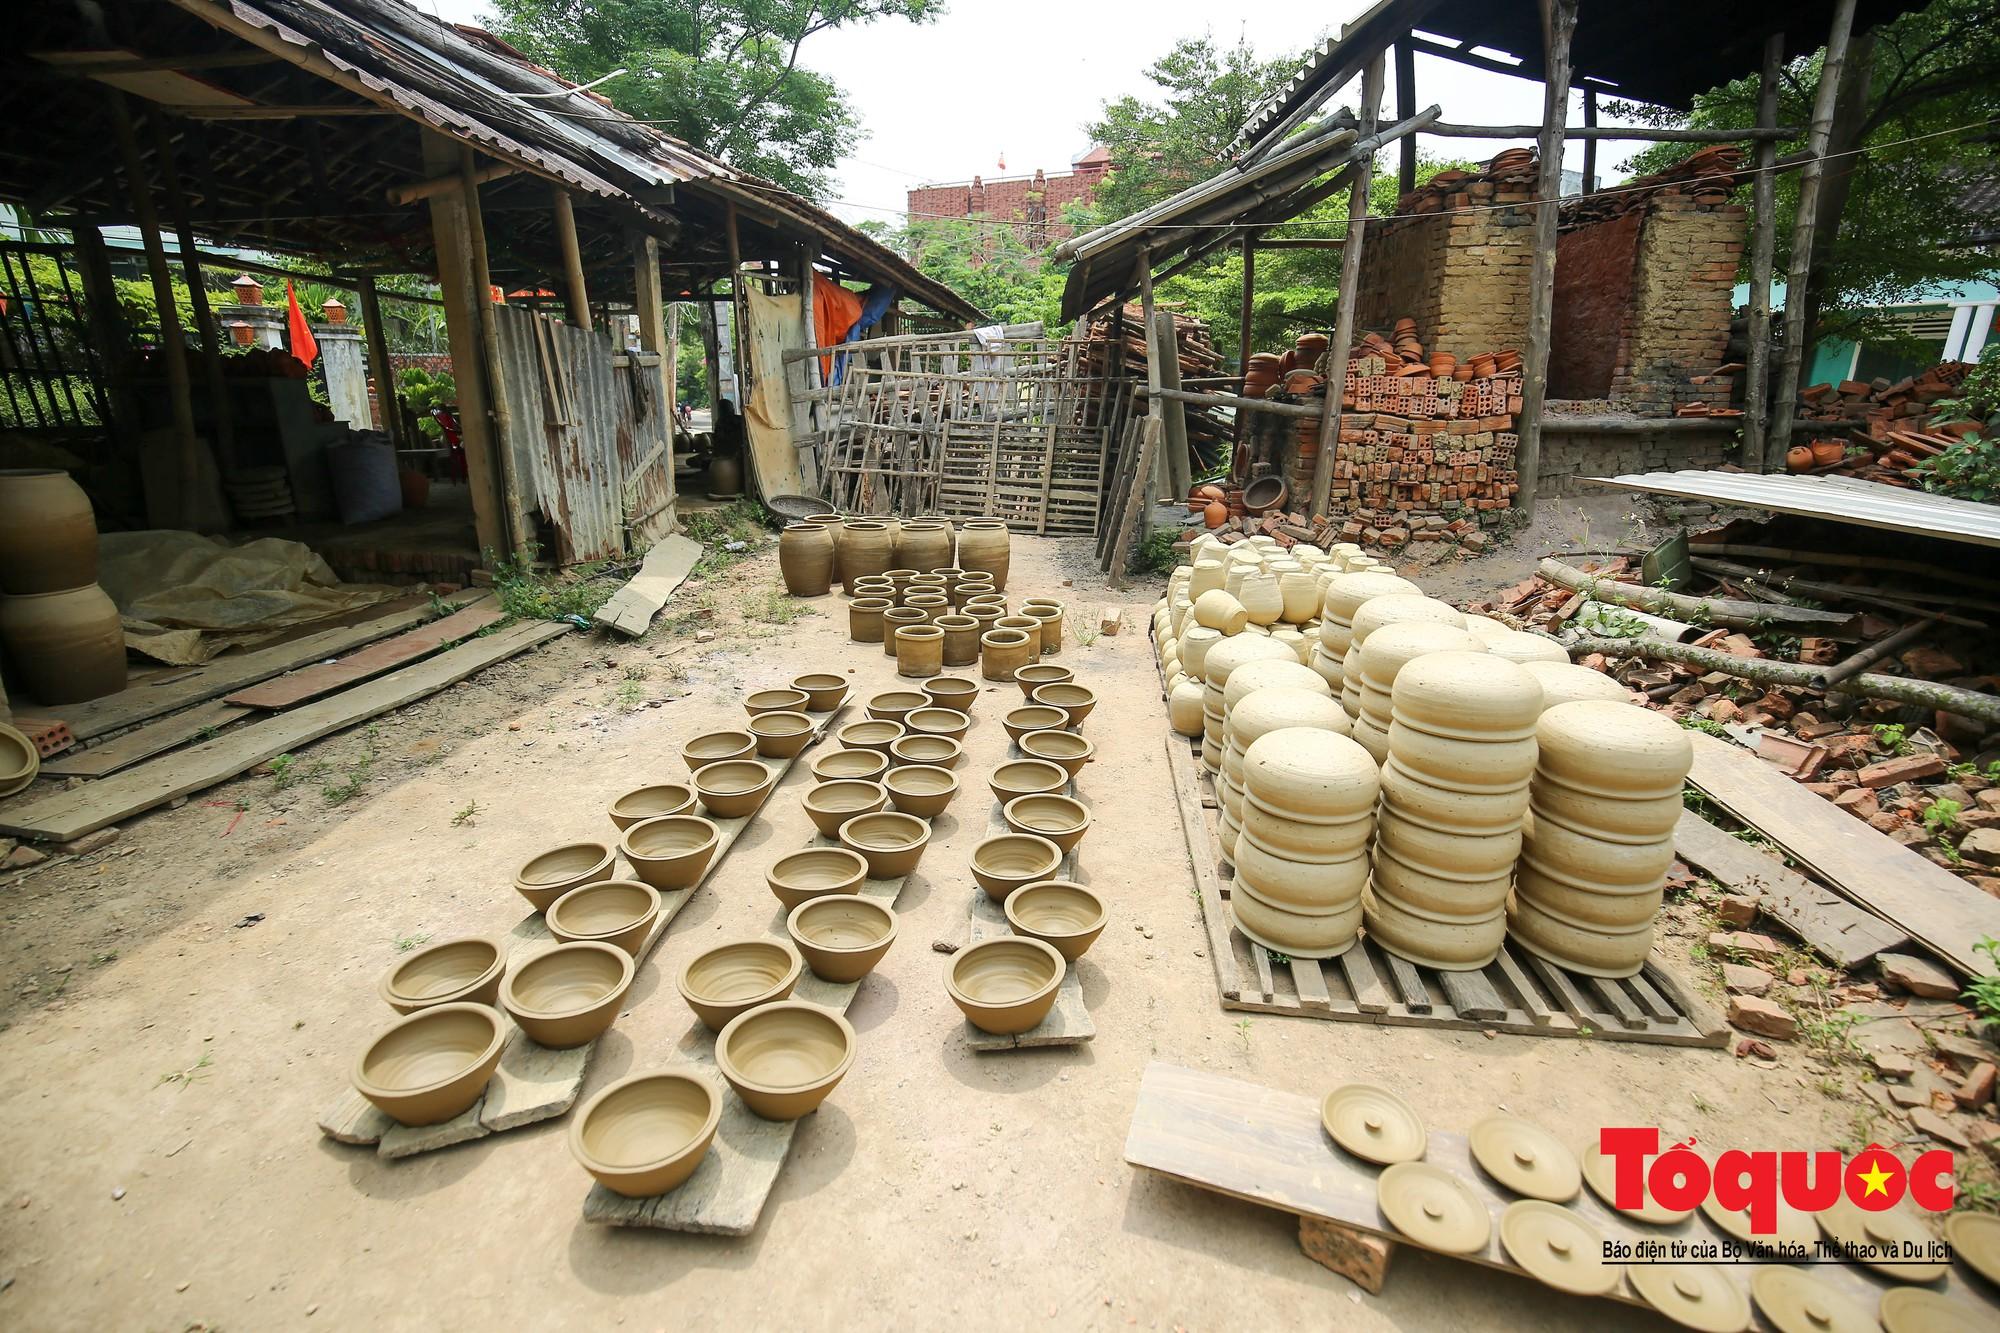 Vẻ đẹp trầm mặc của làng gốm gần nghìn năm tuổi bên dòng sông Thu Bồn5